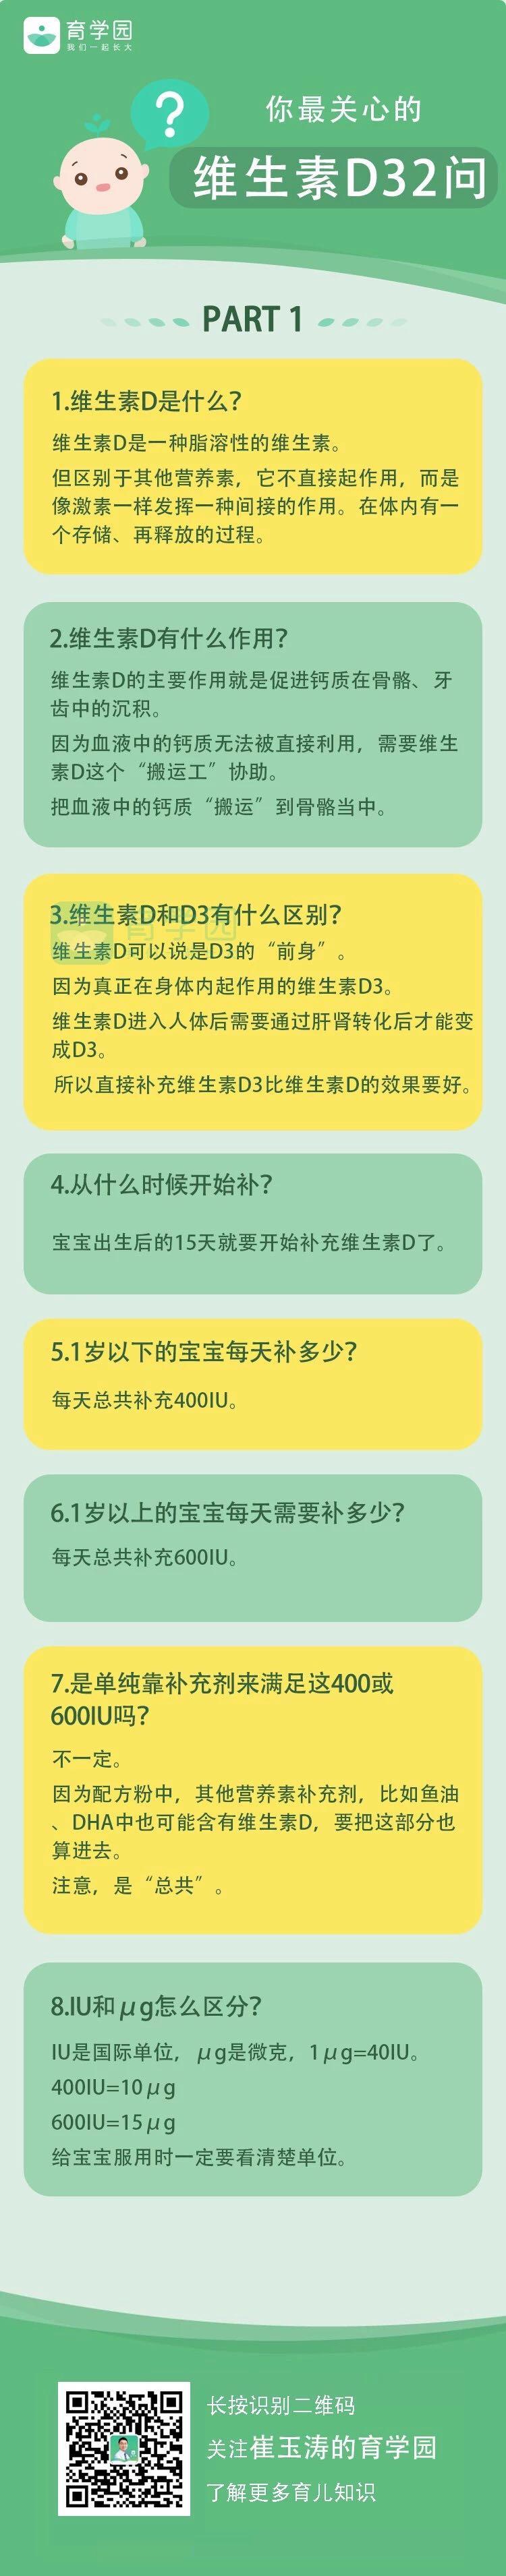 5.5-2_hd.jpg